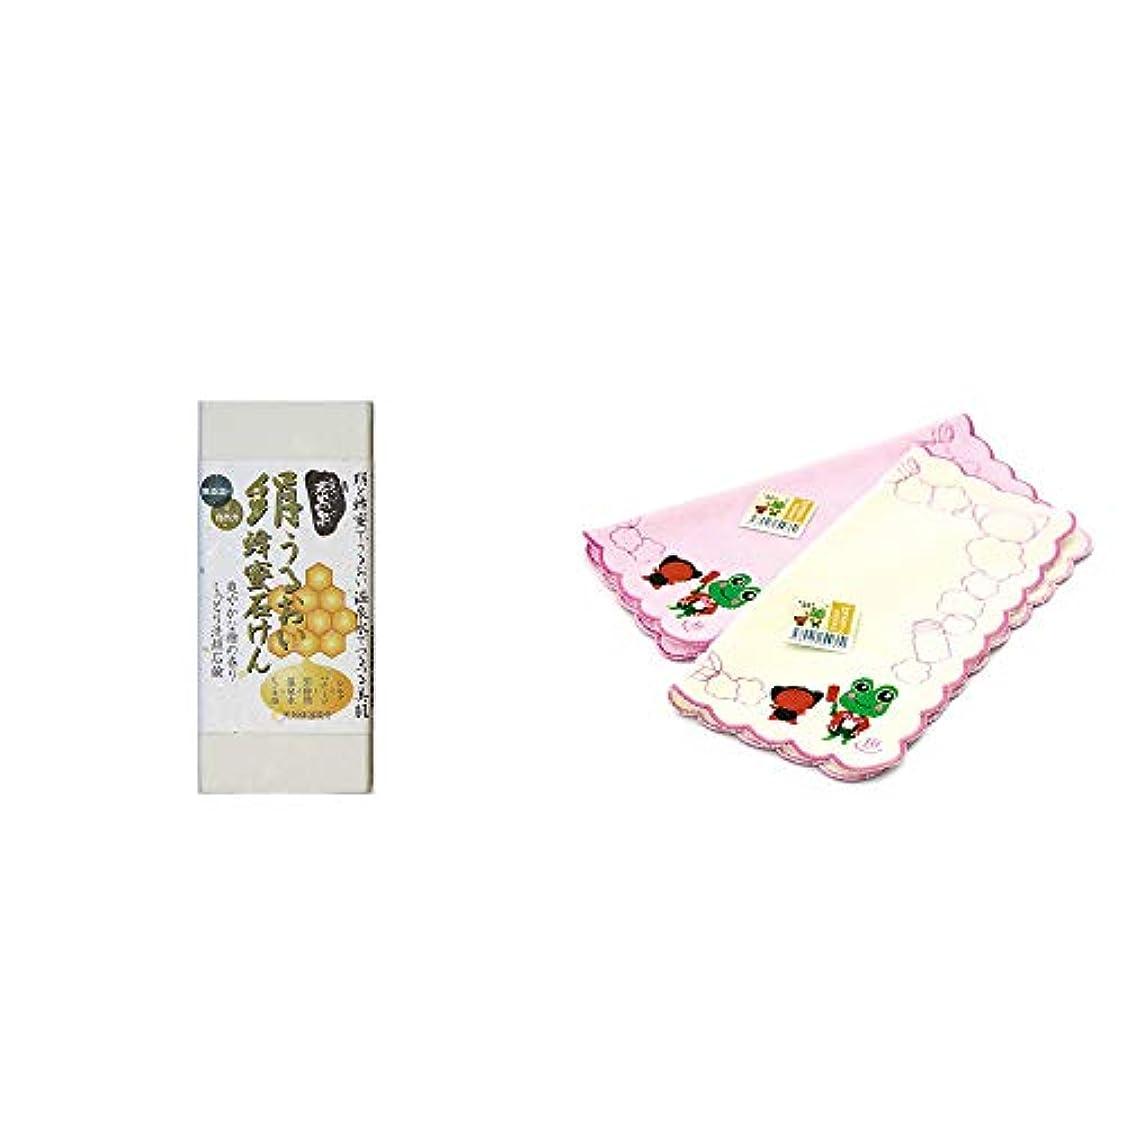 ウィザードブラウズ受け入れる[2点セット] ひのき炭黒泉 絹うるおい蜂蜜石けん(75g×2)?下呂温泉限定 さるぼぼ&げろぐるくん ふわふわタオルハンカチ【ピンク】